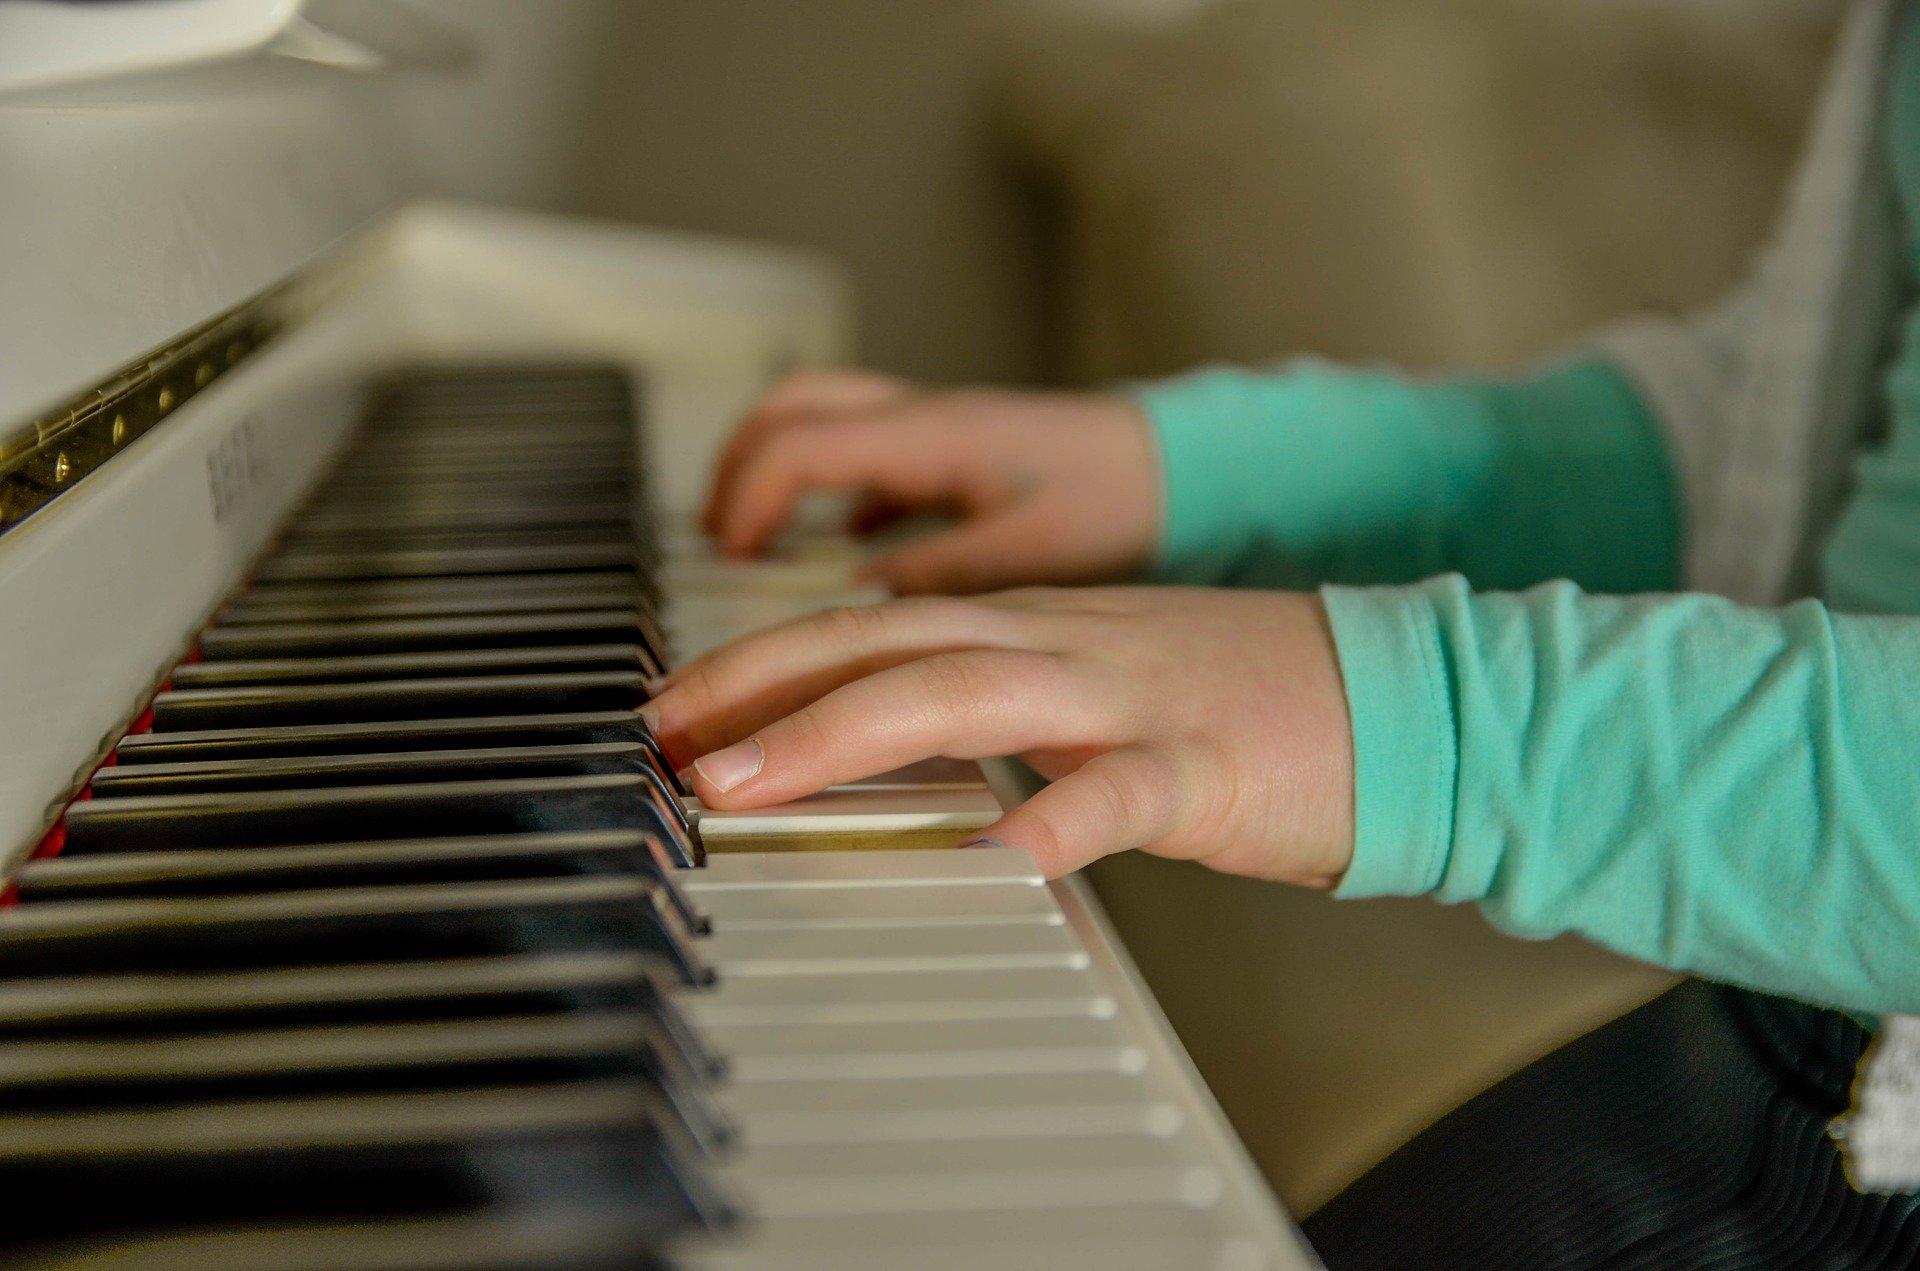 Klavier - Keyboard - Akkordeon - Orgel